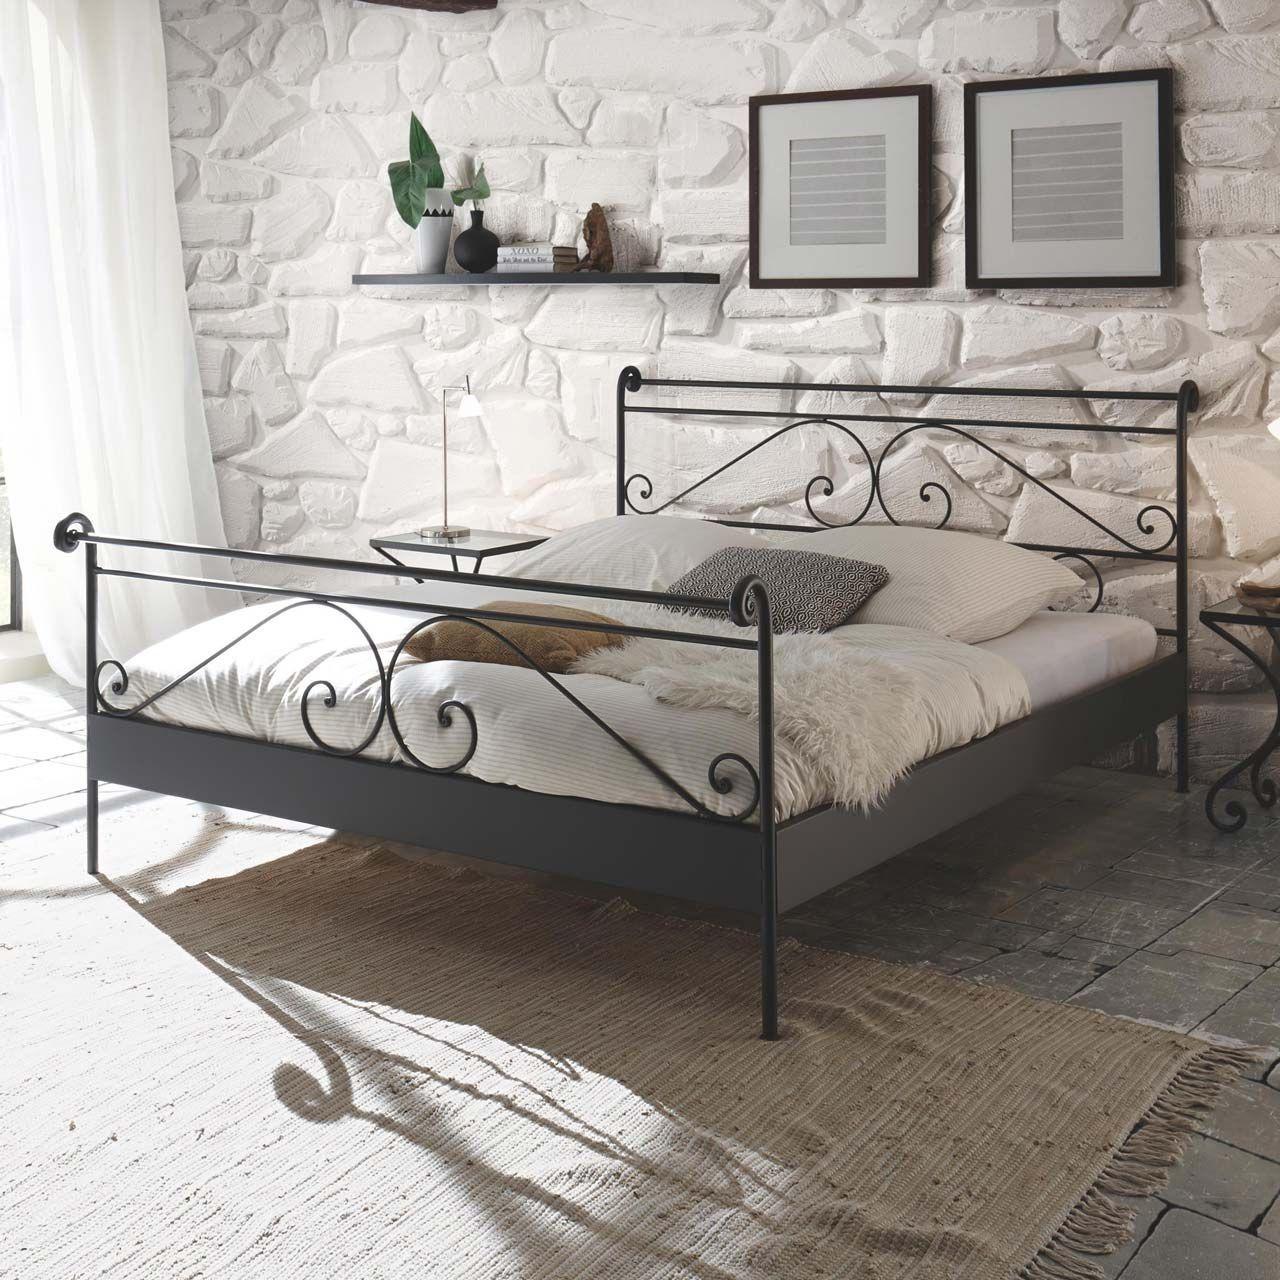 Besteht Cerete Das Hasena Metallbett Romantic Metallbett Hasena Romantic Cerete Das Metall In 2020 Schlafzimmer Inspirationen Kleines Wohnzimmer Gestalten Wohnen